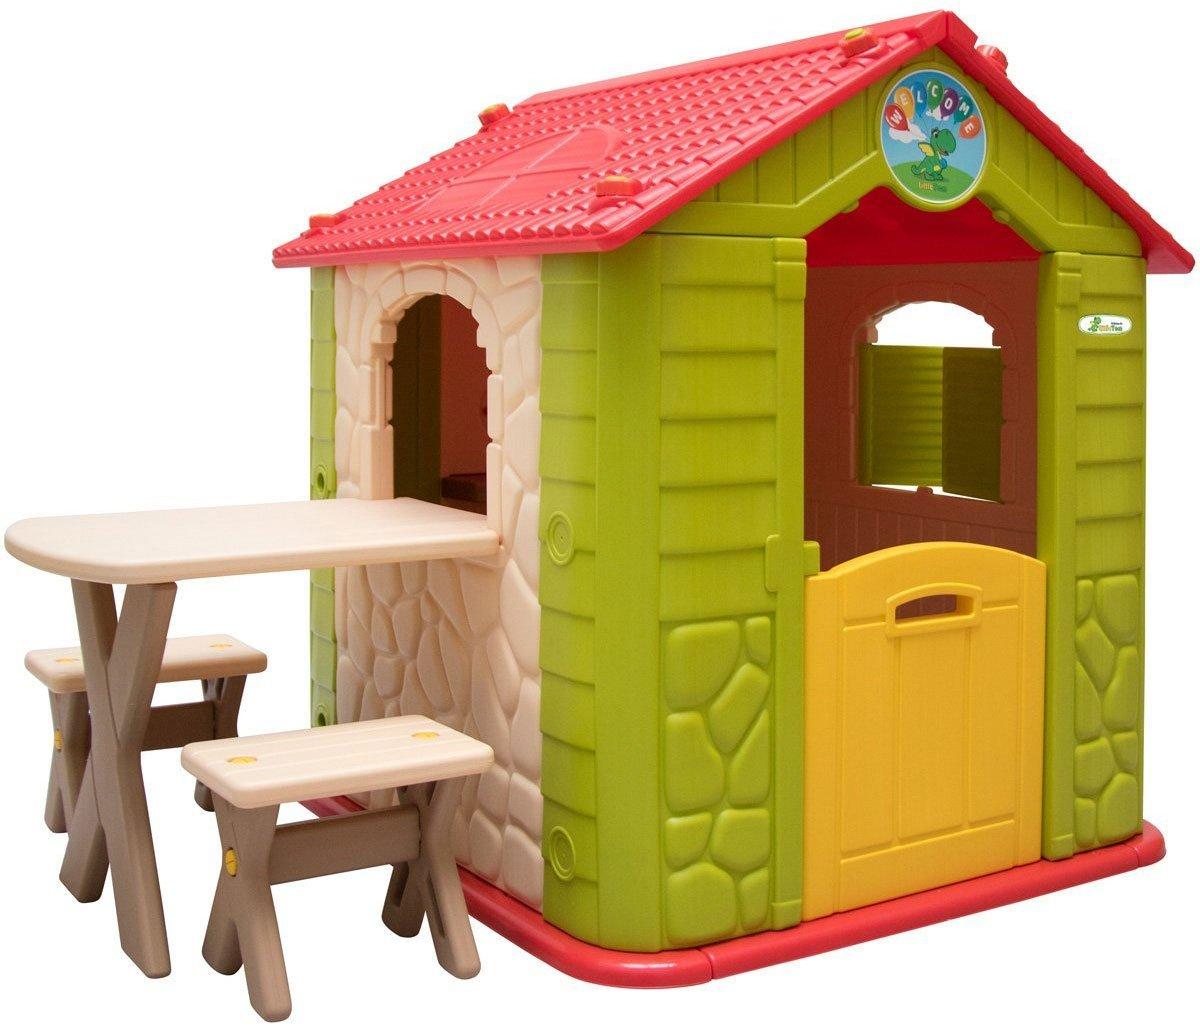 Spielgeräte outdoor - LittleTom Kinderspielhaus inkl Tisch mit 2 Bänken